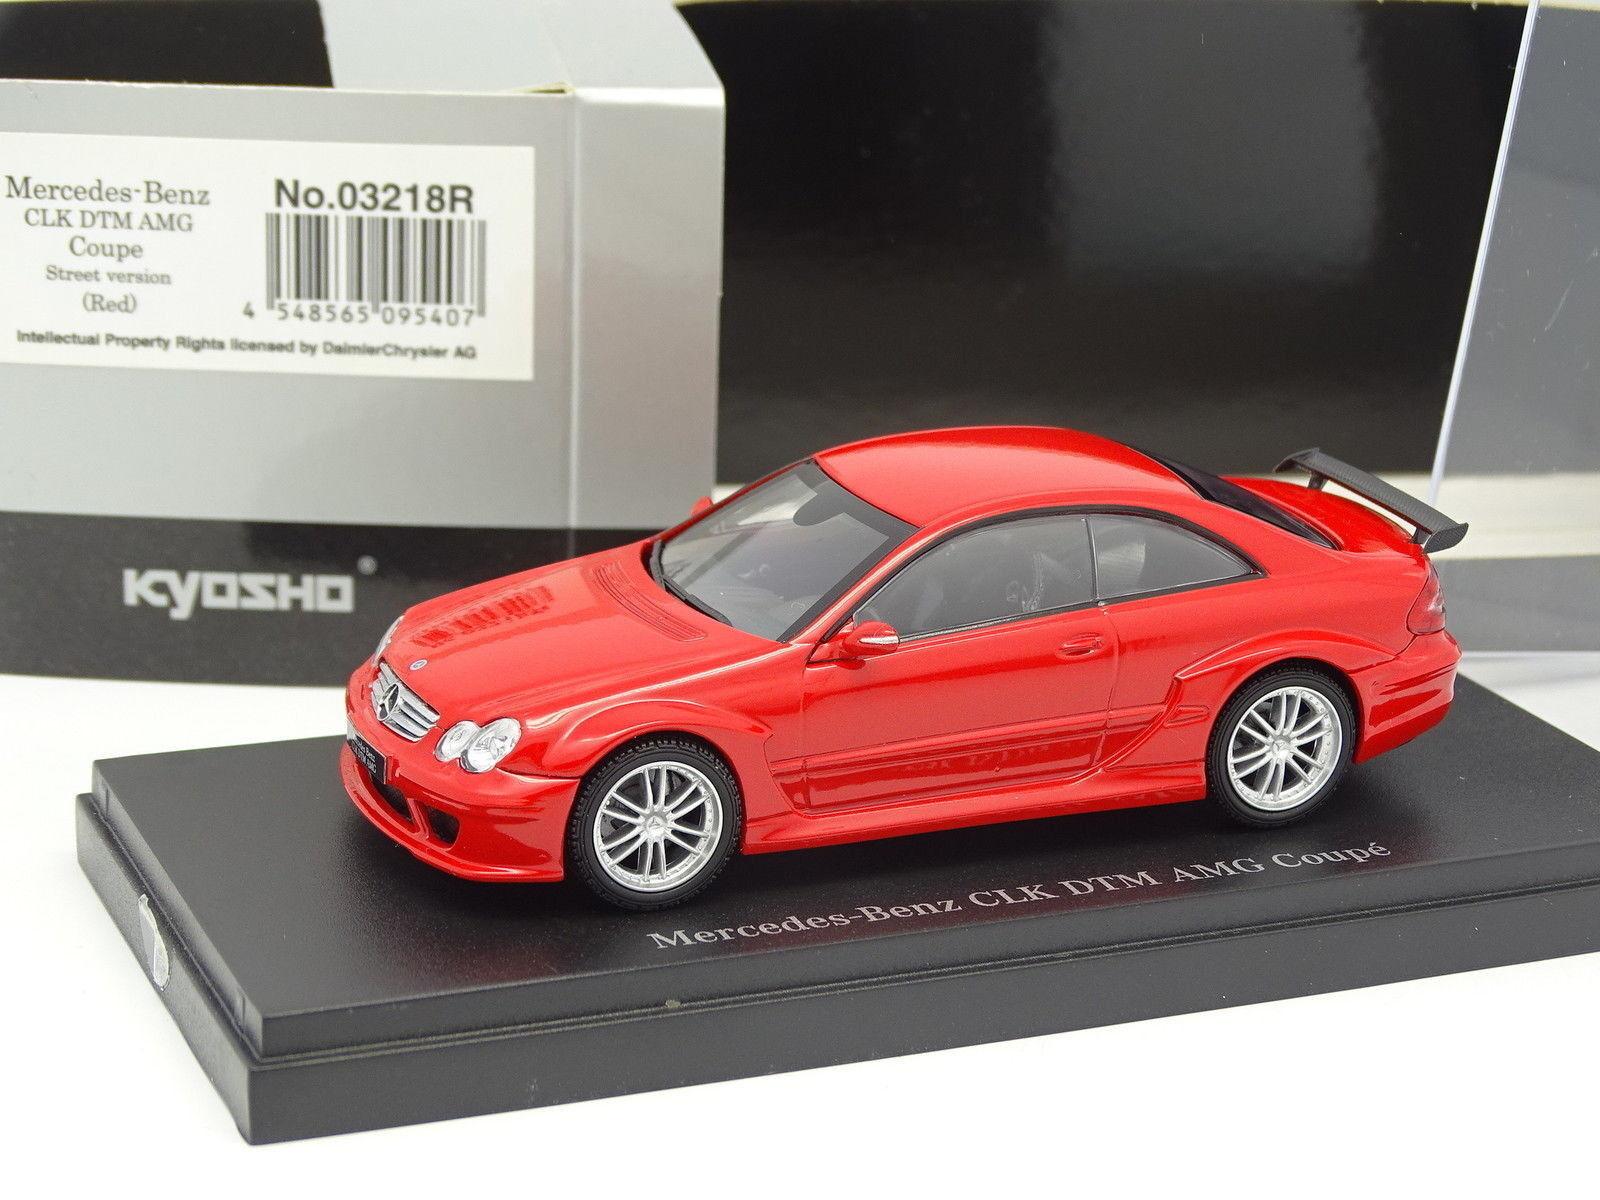 suministro directo de los fabricantes Kyosho 1 43 43 43 - Mercedes CLK AMG DTM Coupé Rojo  punto de venta en línea